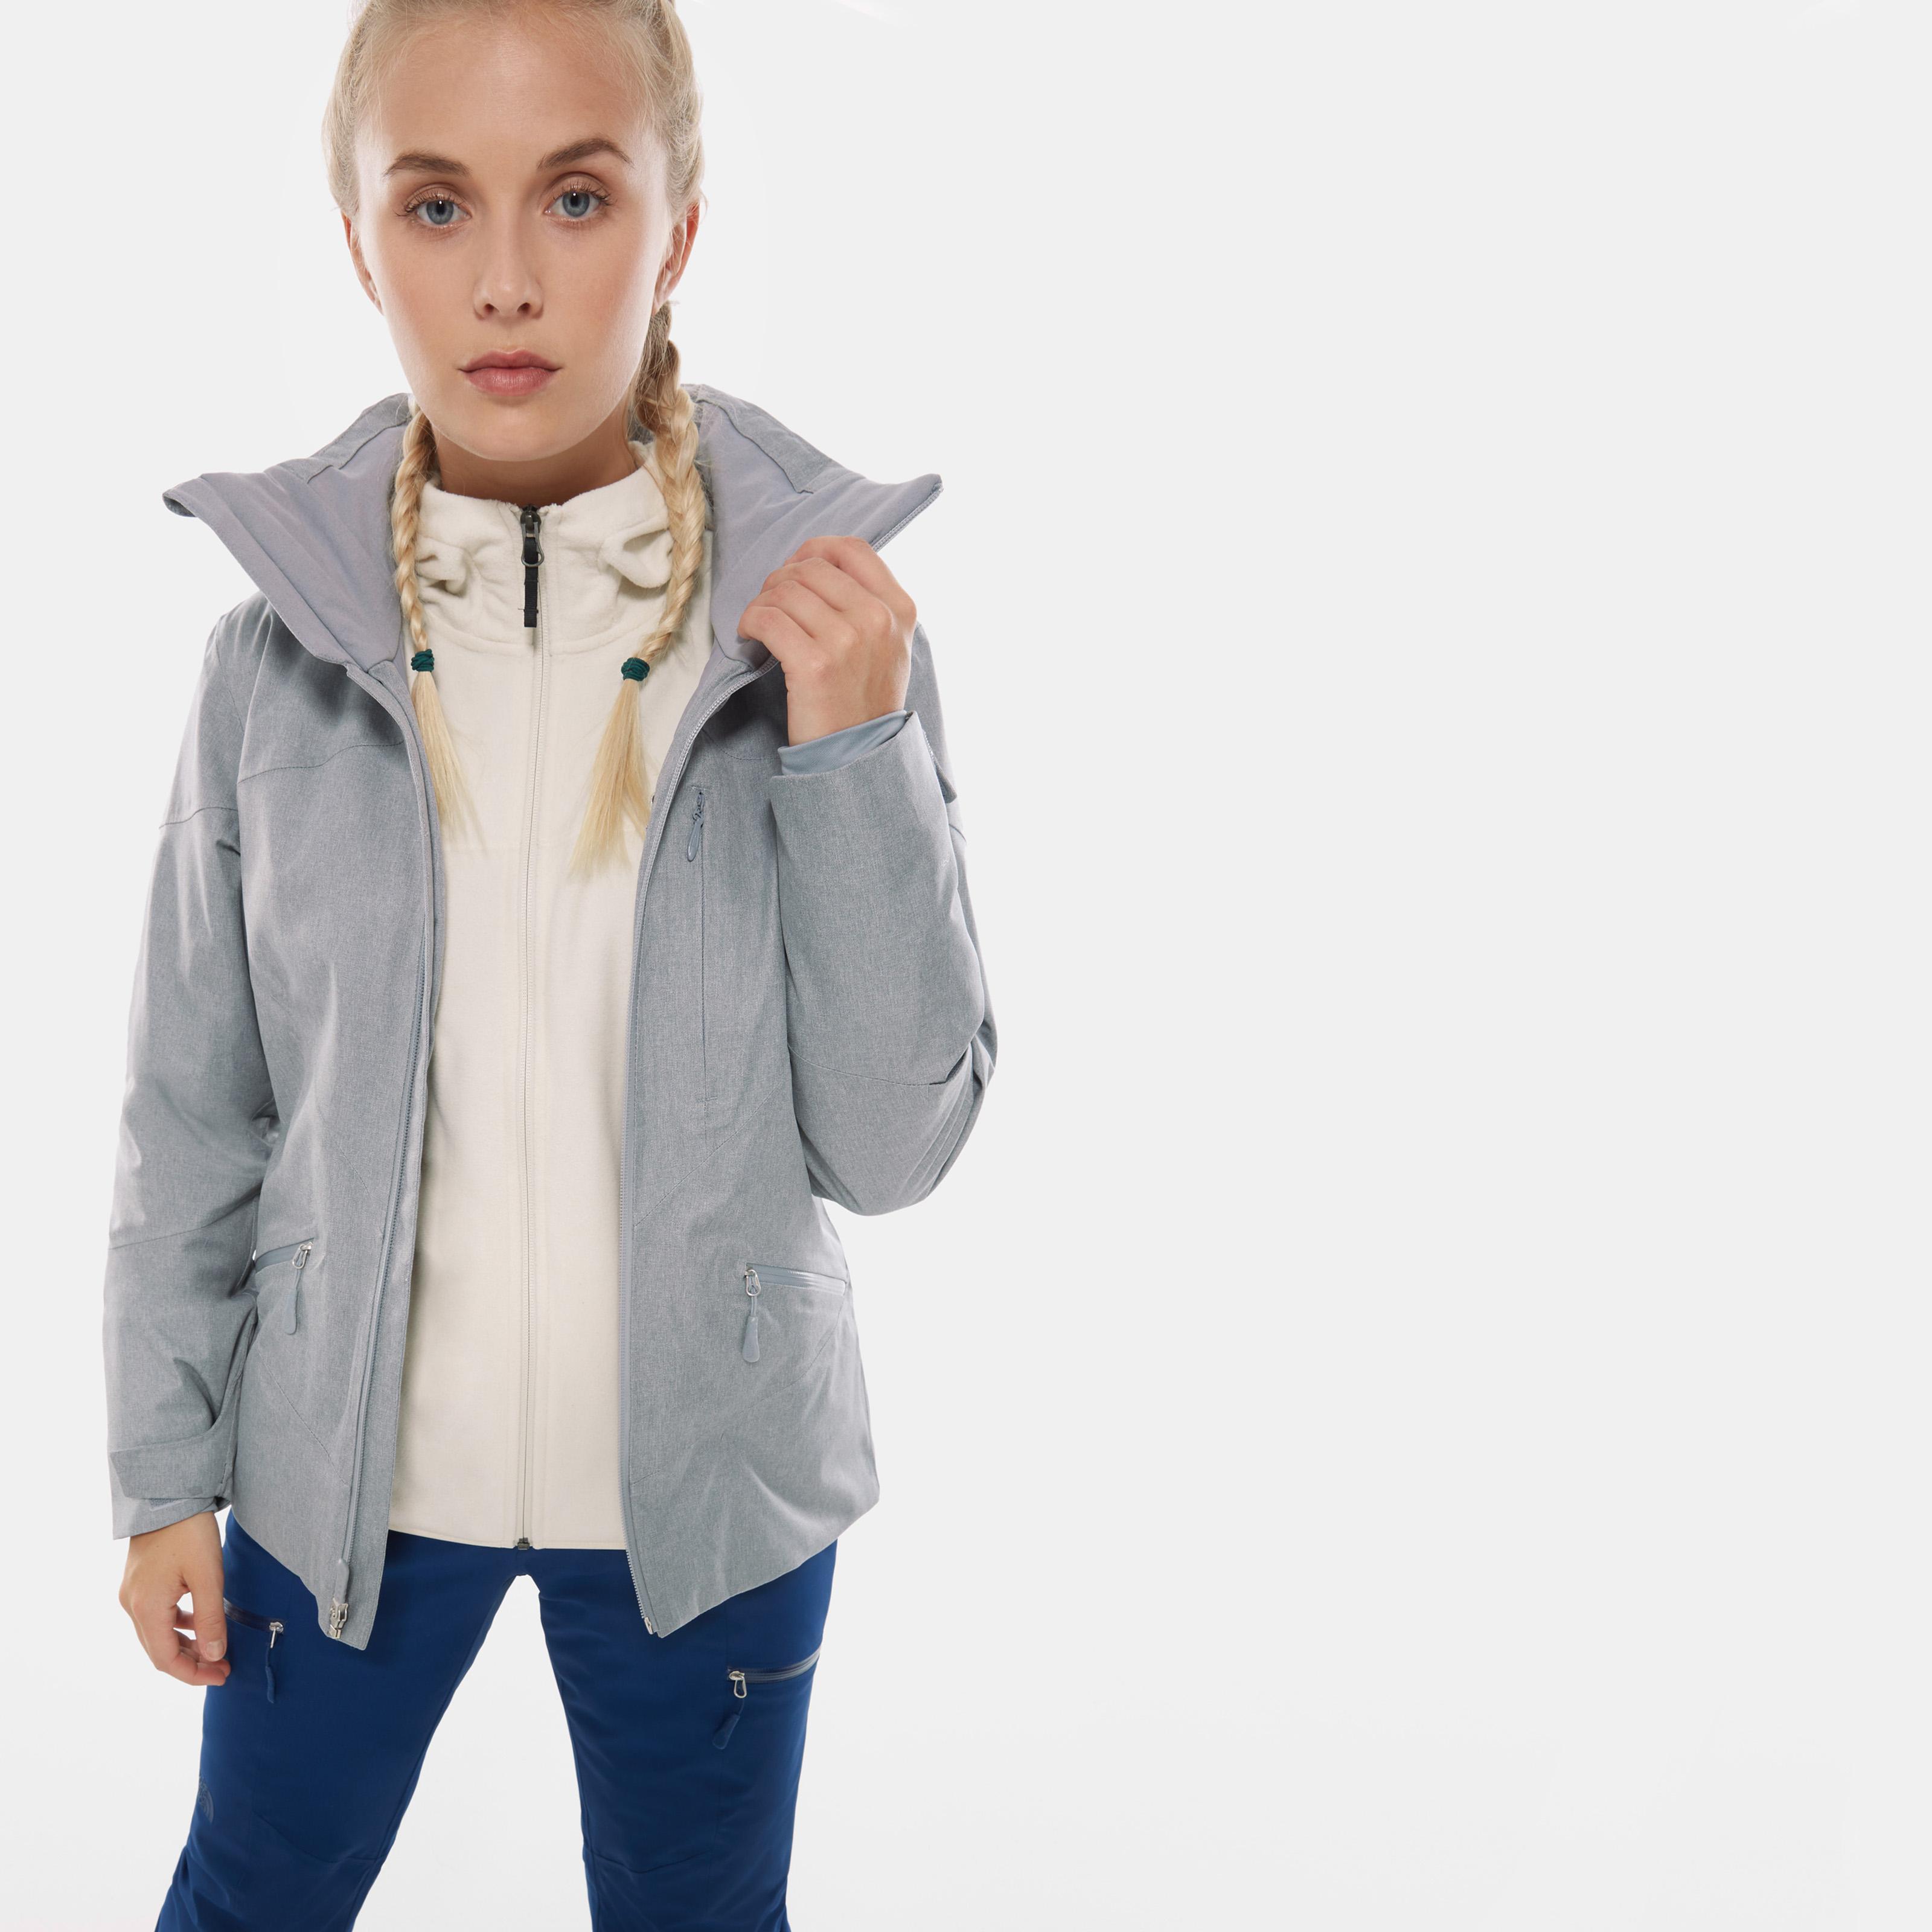 Женская куртка Lenado фото